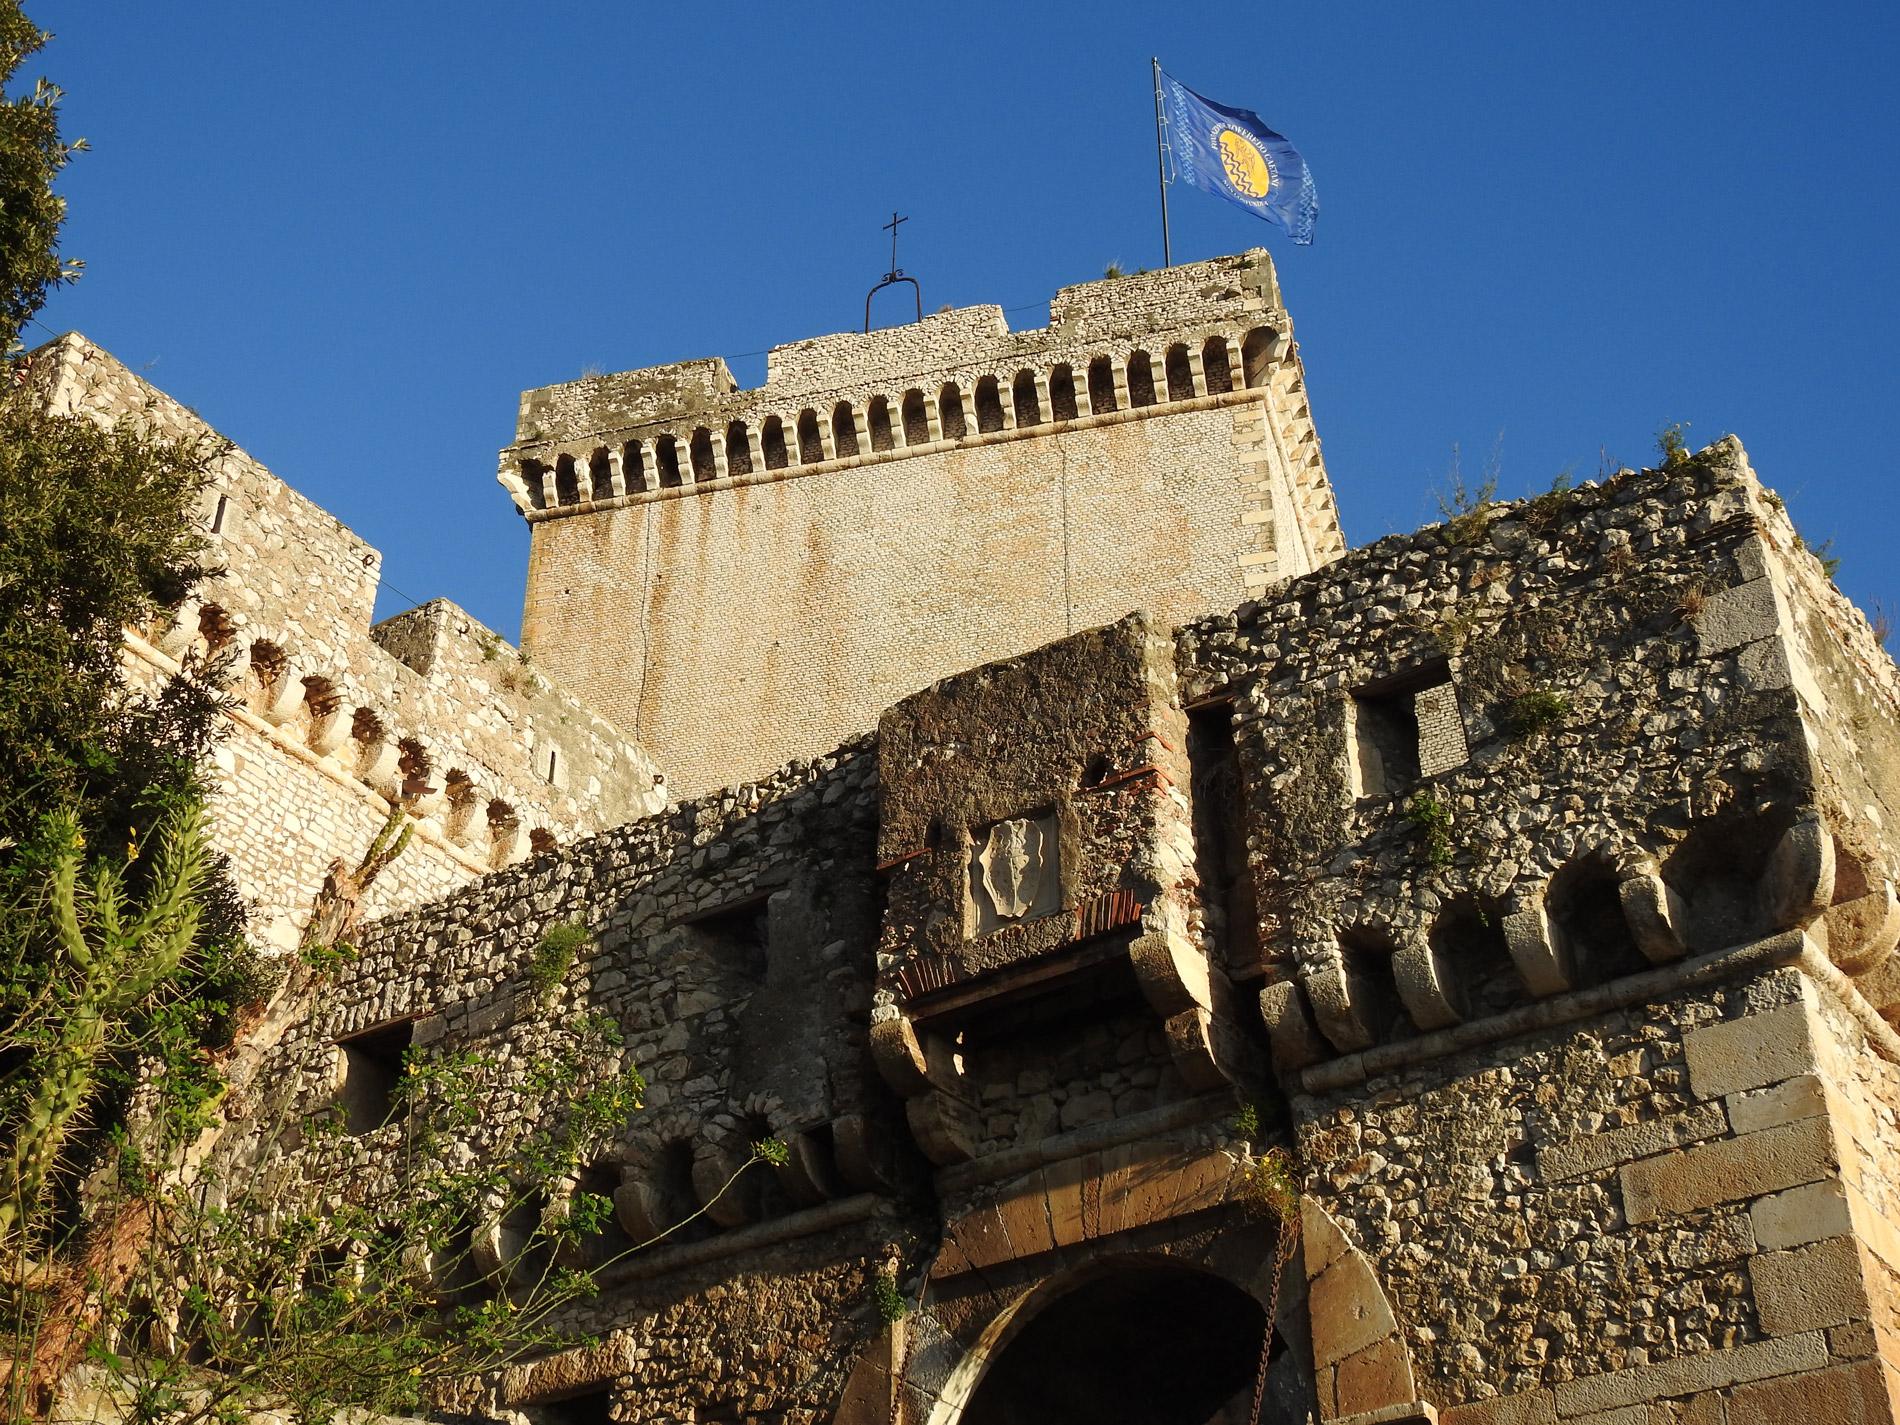 Il Caroso Festival al Castello Caetani di Sermoneta